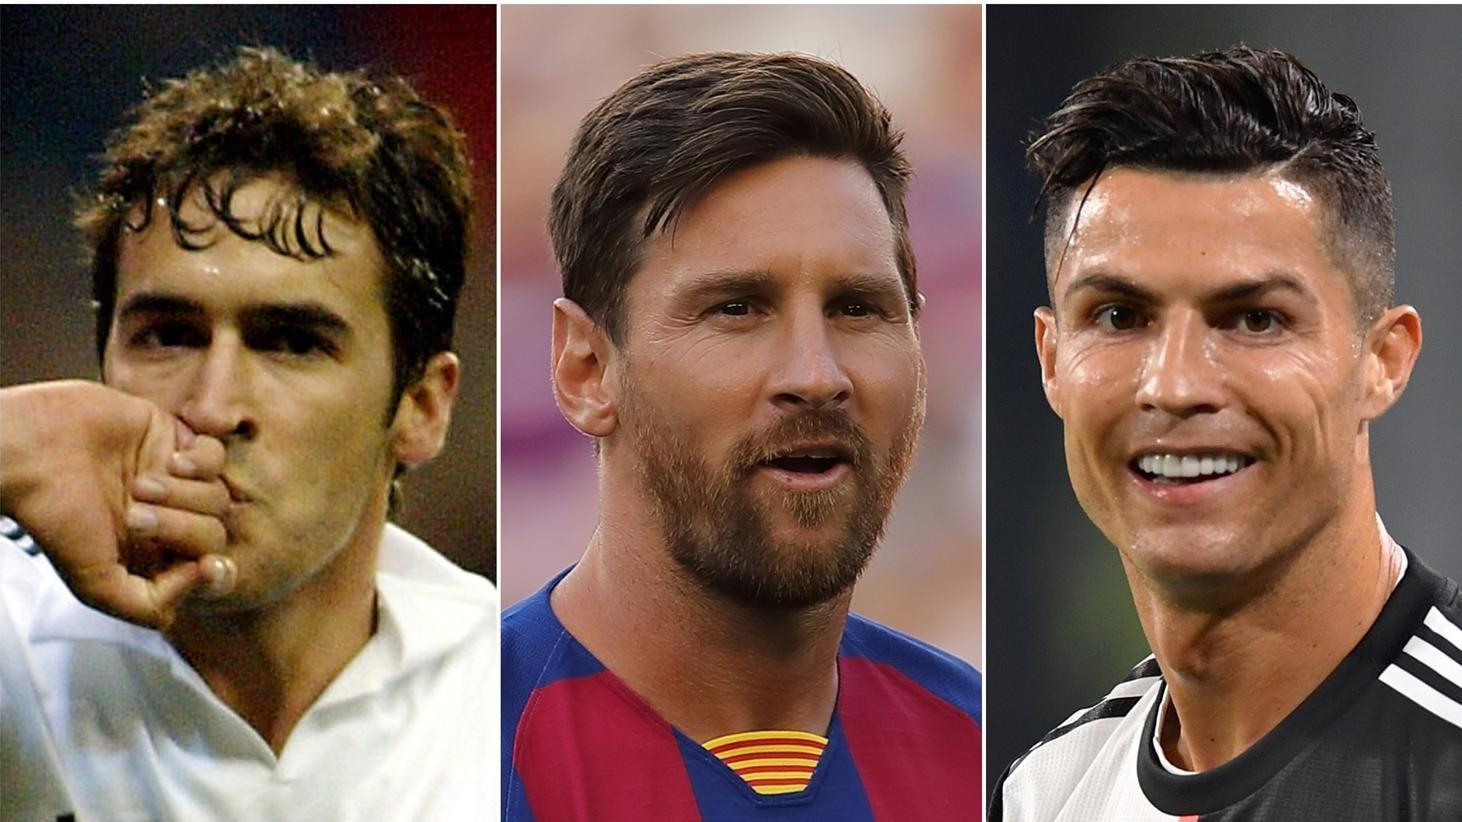 en golcüleri kimler tüm zamanların grup aşamasının en golcüleri kimler?